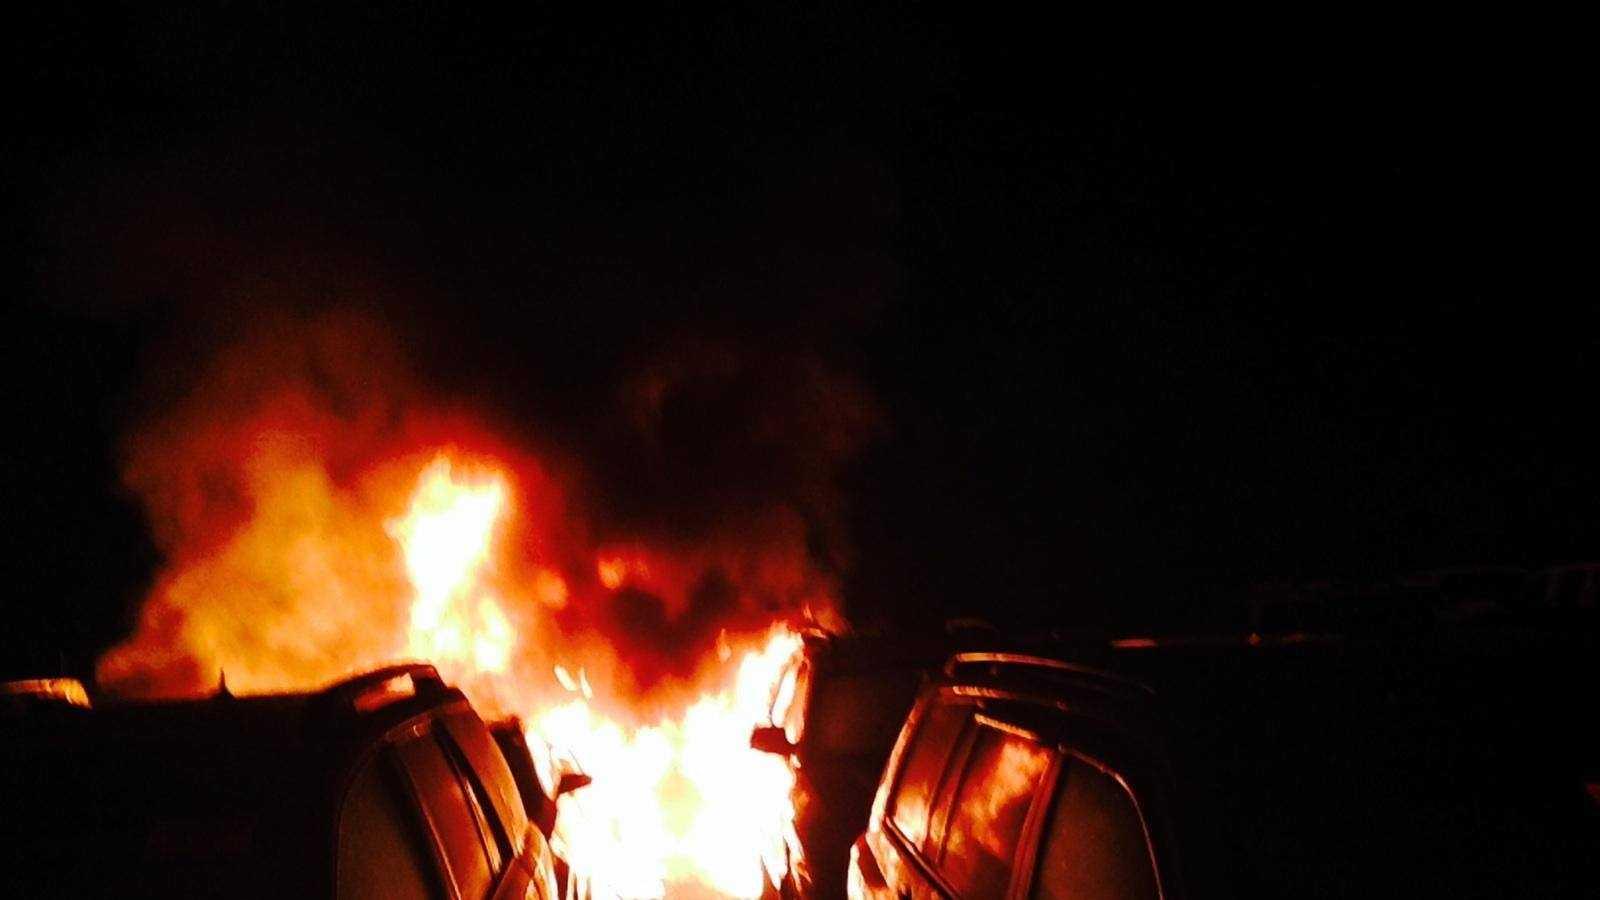 Bel Air Auto Auction fire